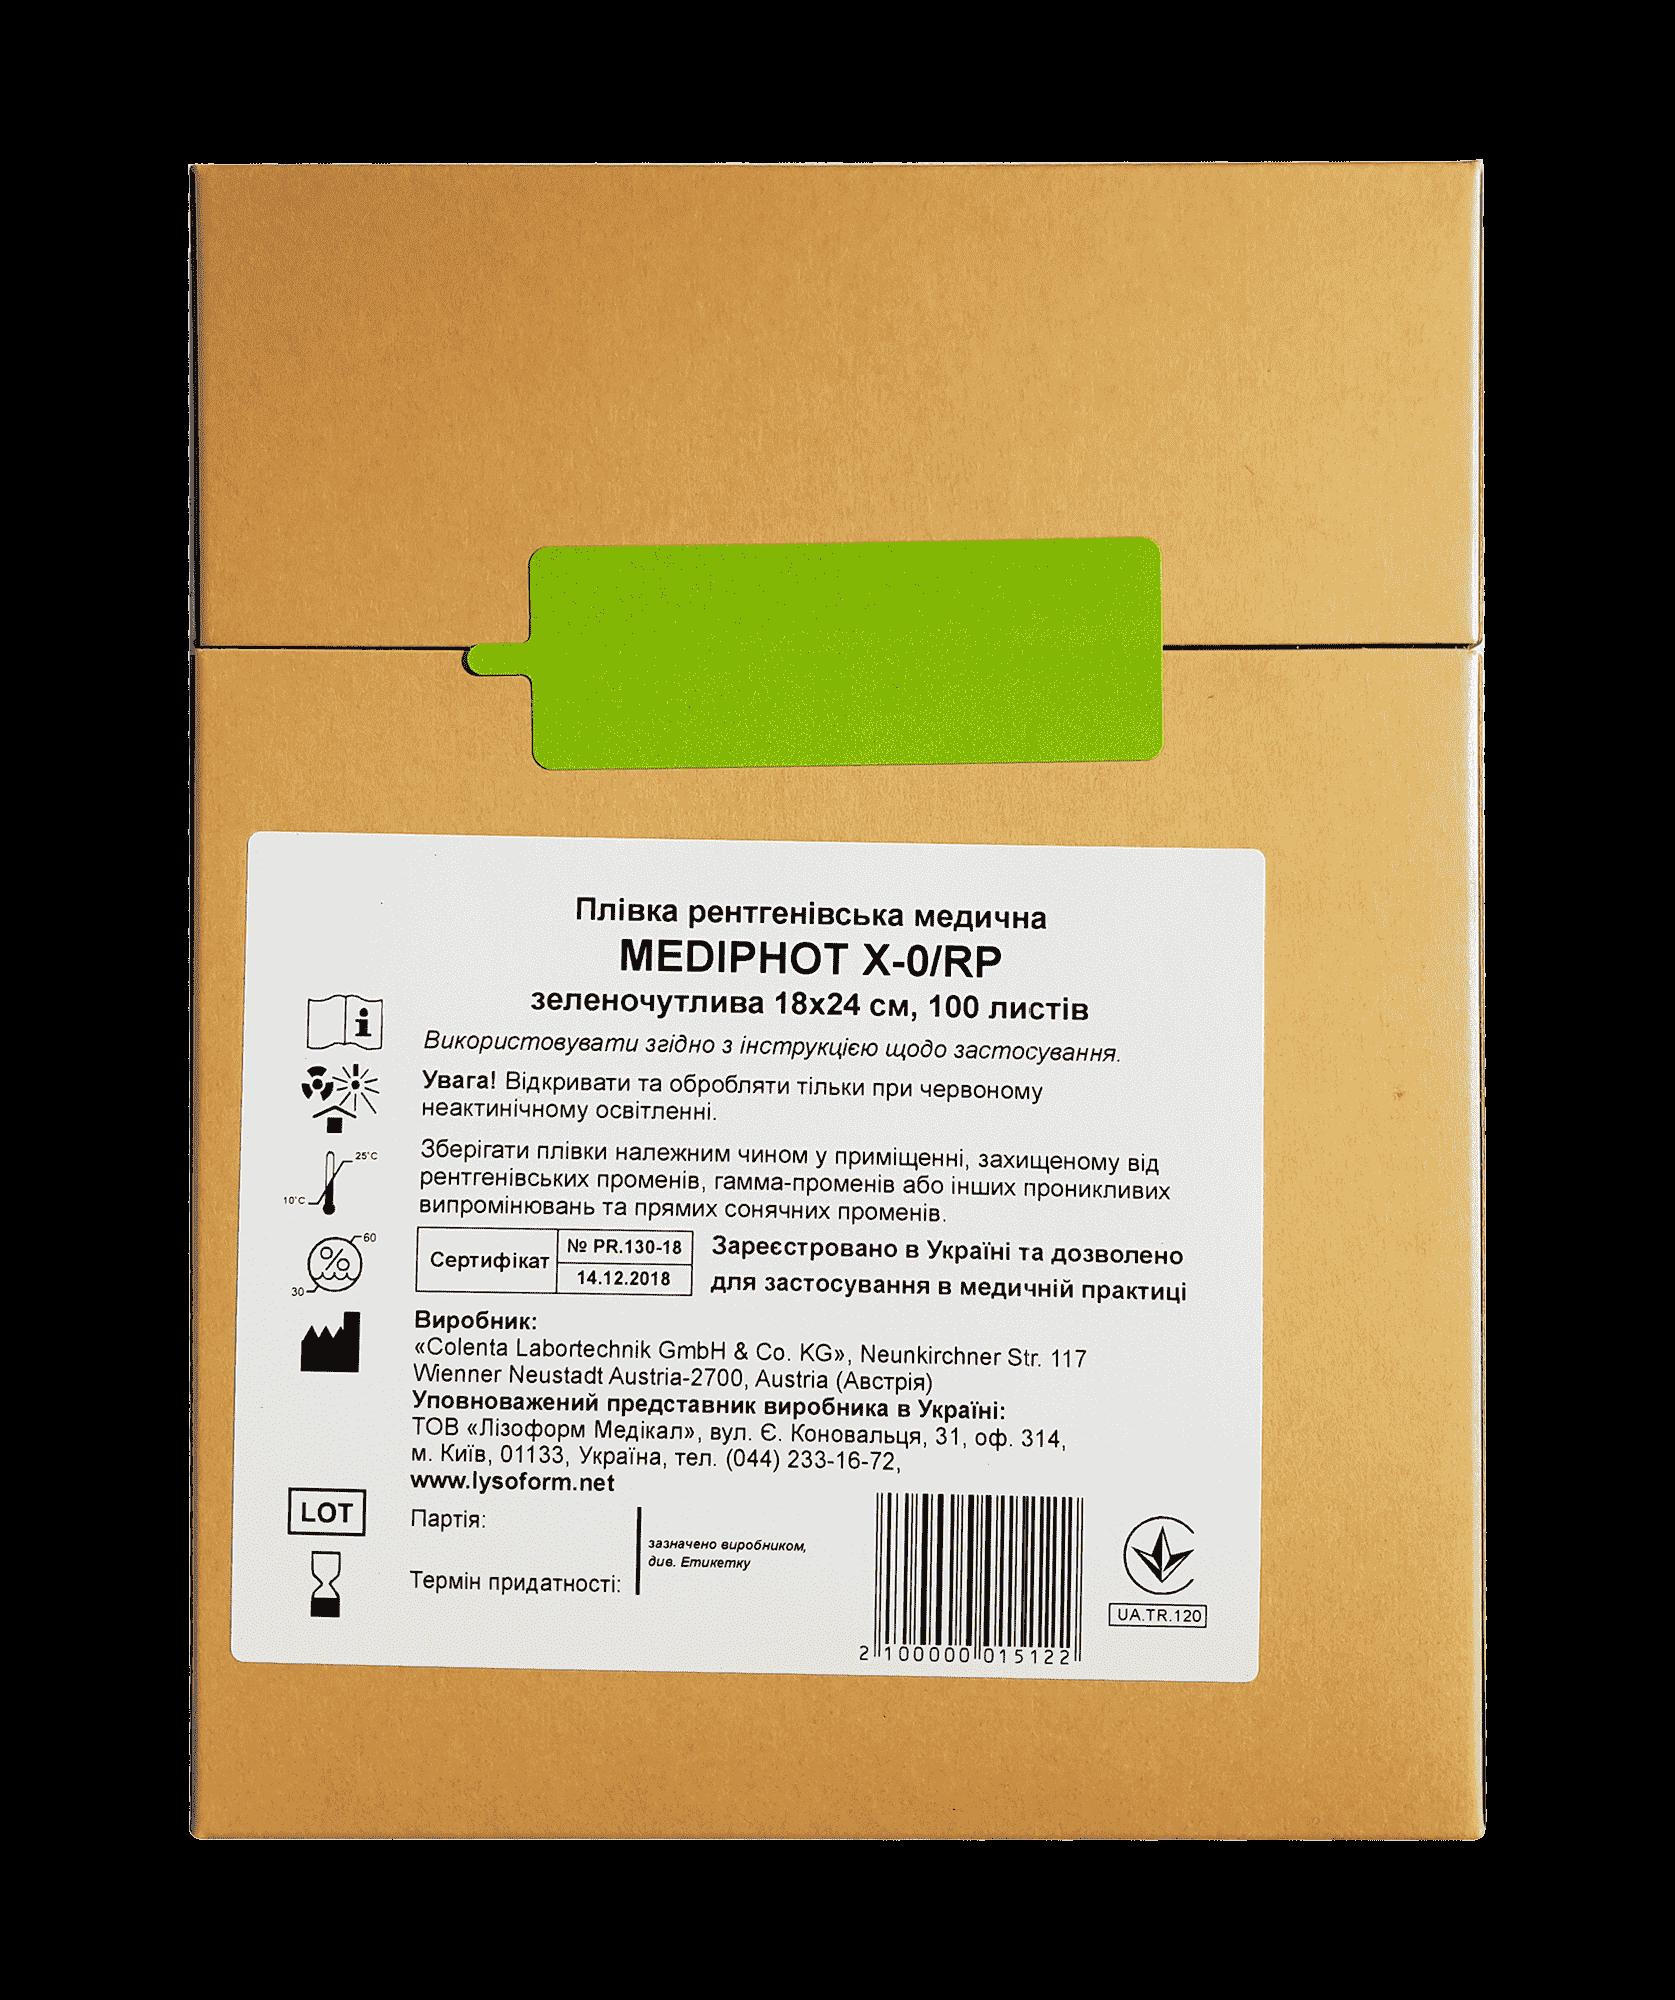 Плівка MEDIPHOT X-0/RP зеленочутлива 18x24cм